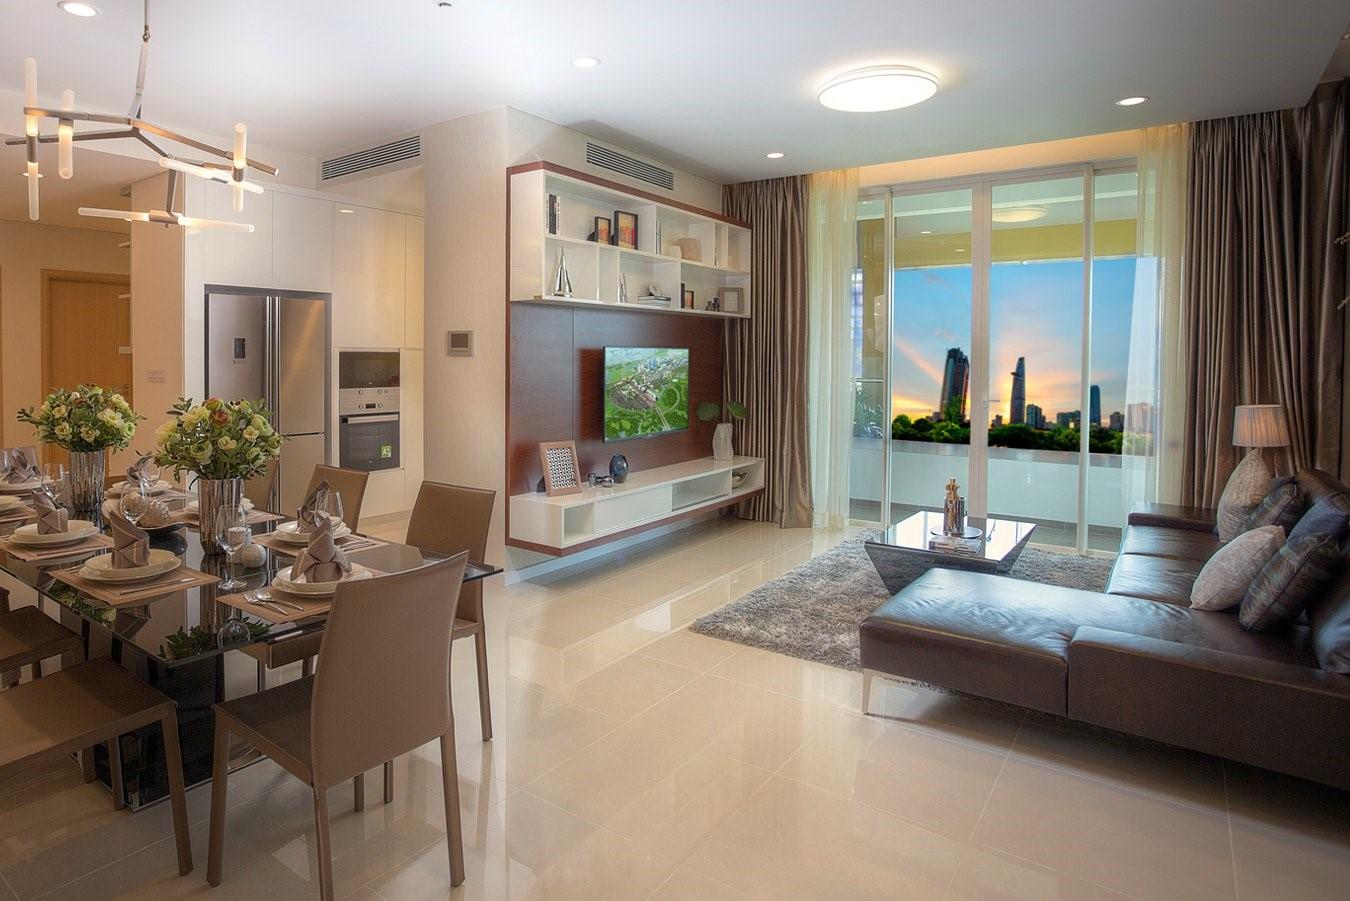 Phối cảnh thiết kế nội thất căn hộ Bel Air Hà Nội